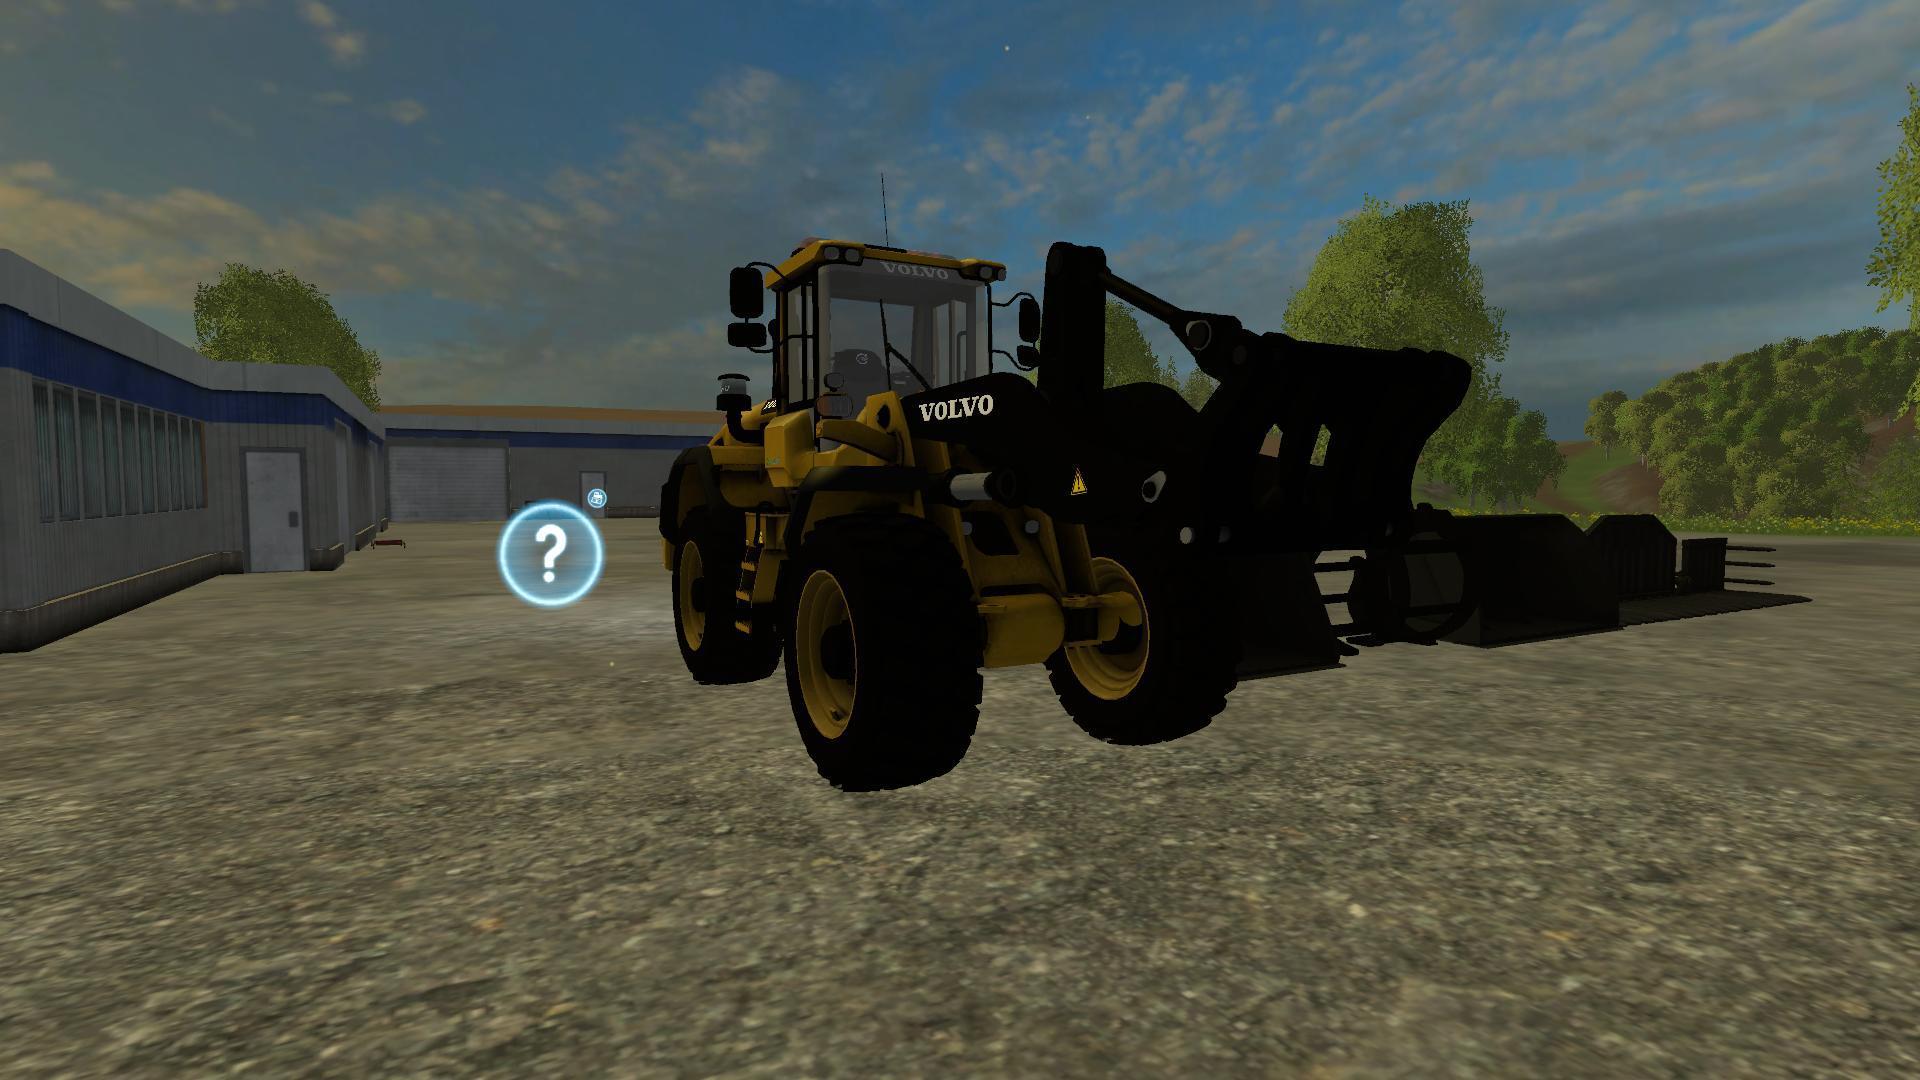 VOLVO GUMMIGED L120 V1 » GamesMods.net - FS17, CNC, FS15, ETS 2 mods